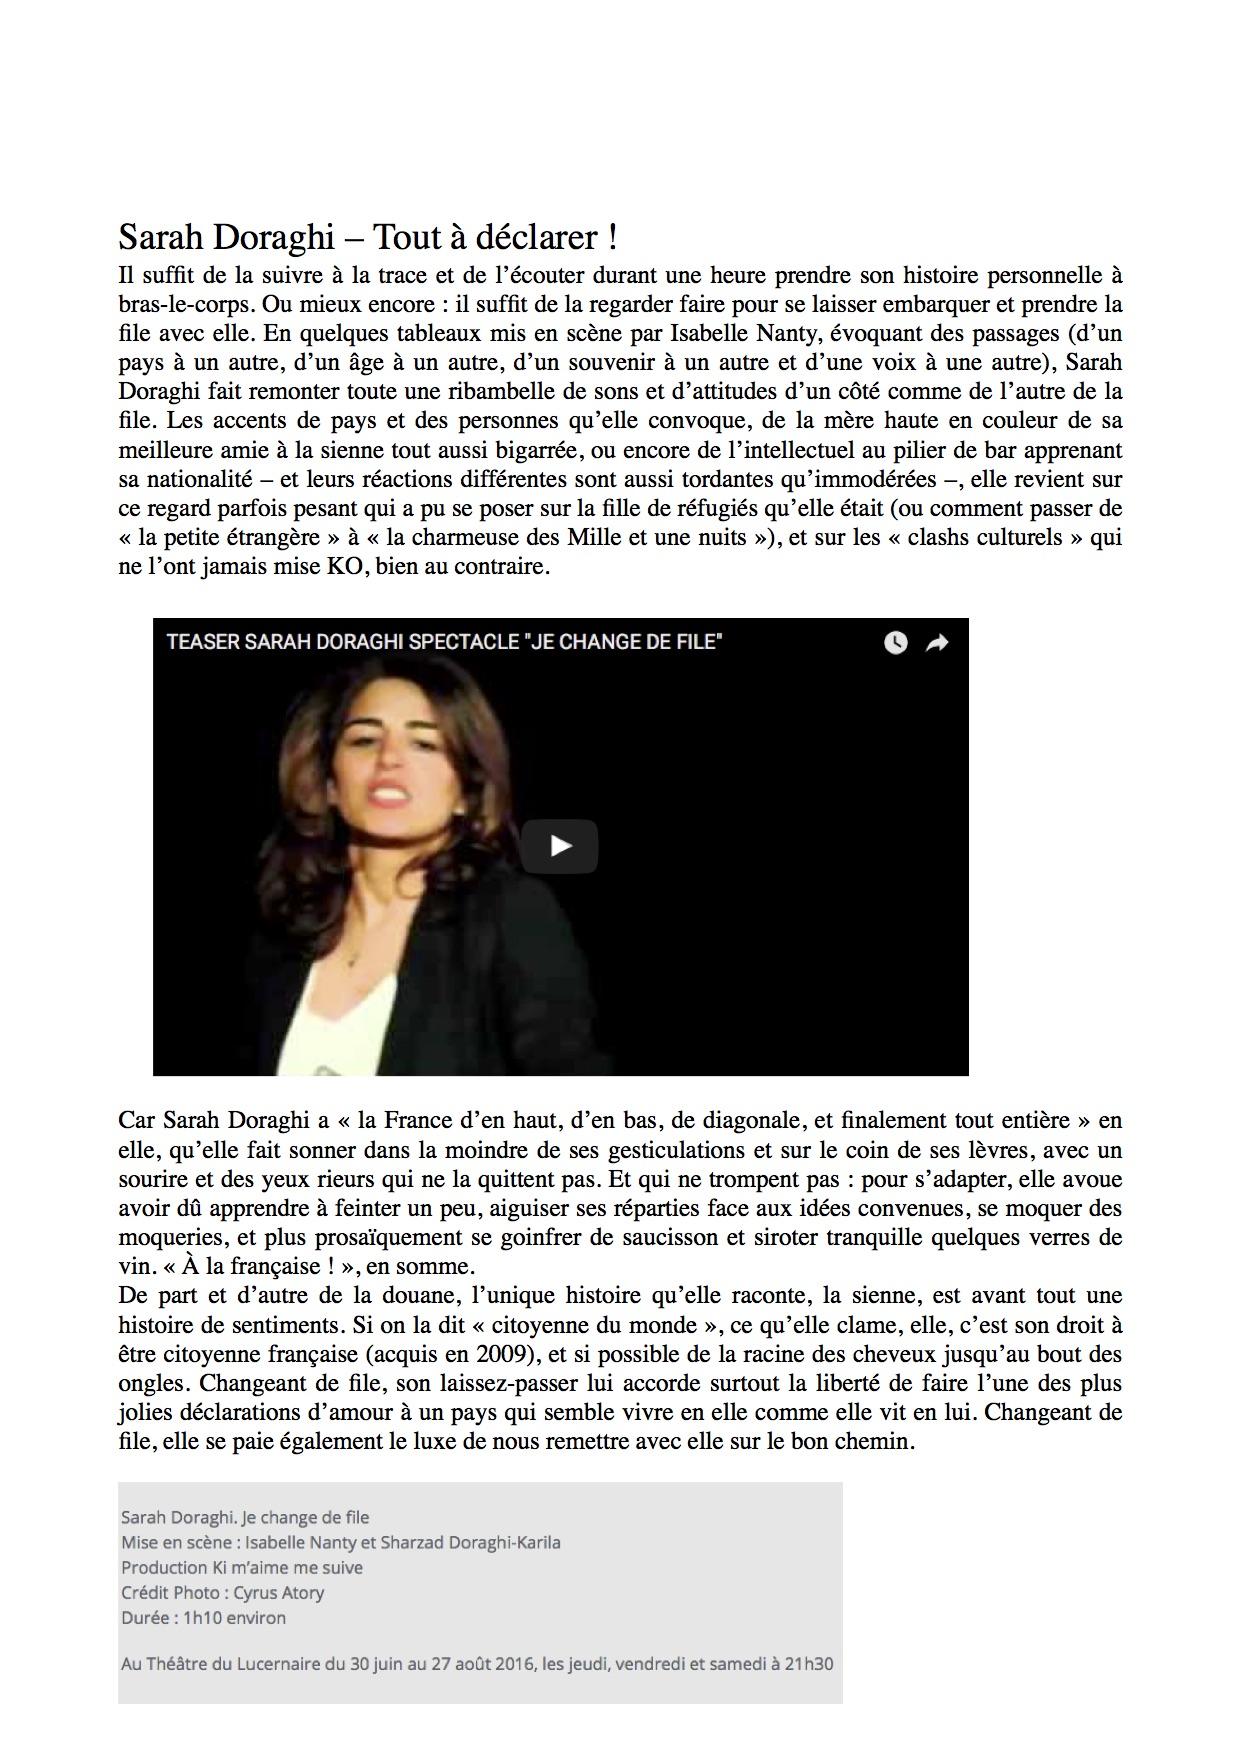 theatrorama.com 15.08.16 p2